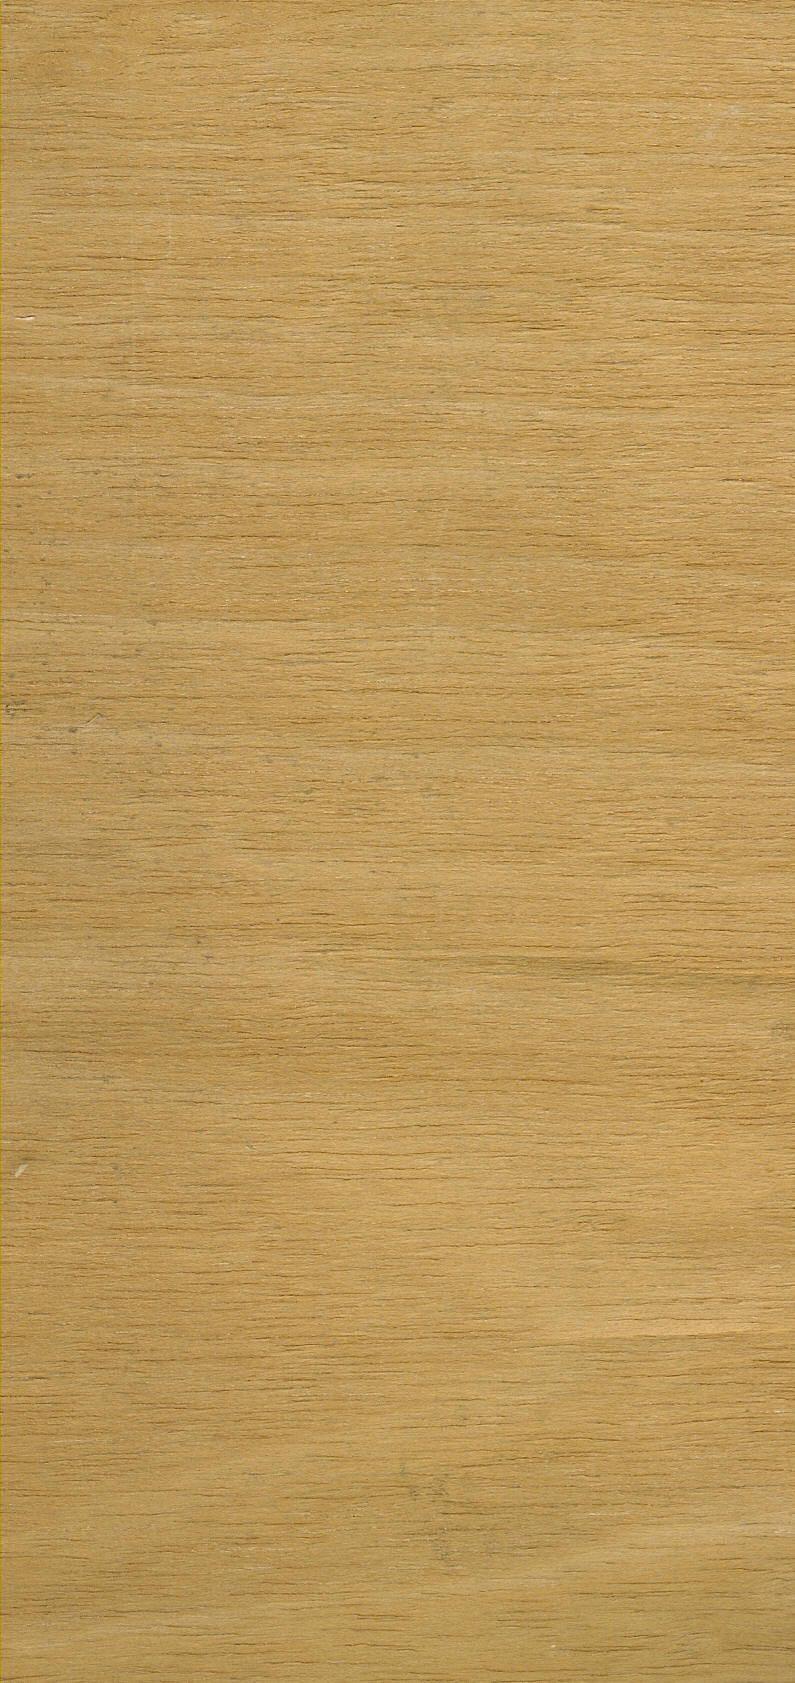 go go wood.jpg (JPEG Image, 795×1683 pixels) - Scaled (45%)